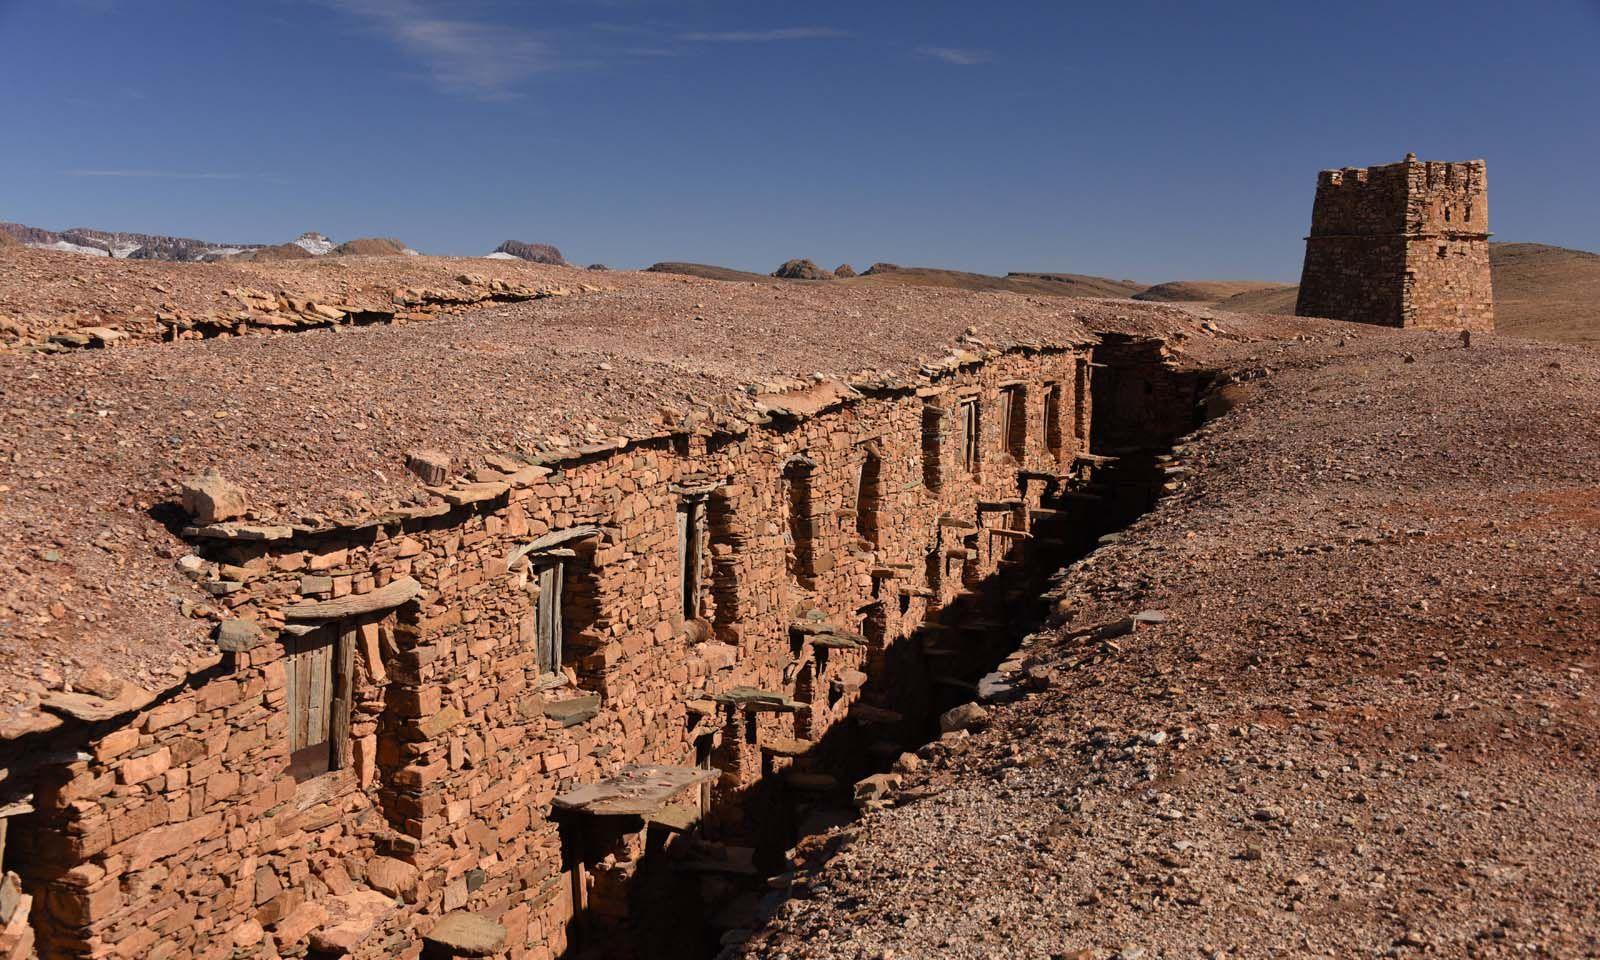 Berberspeicher Agadir Tashelhit in Form einer Festung